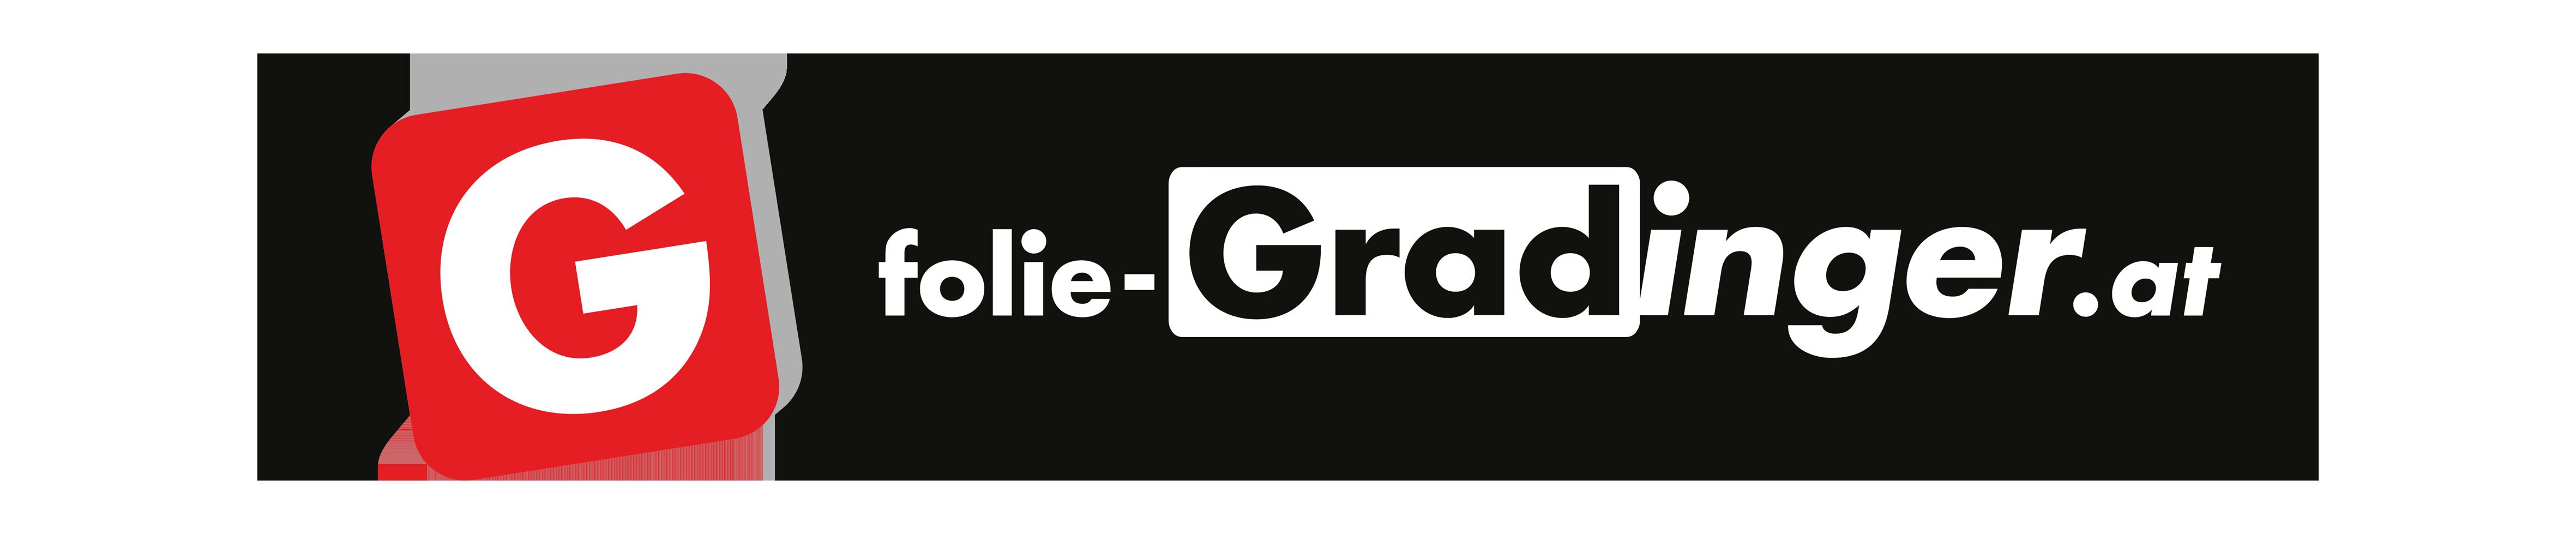 Folie Gradinger - Wien